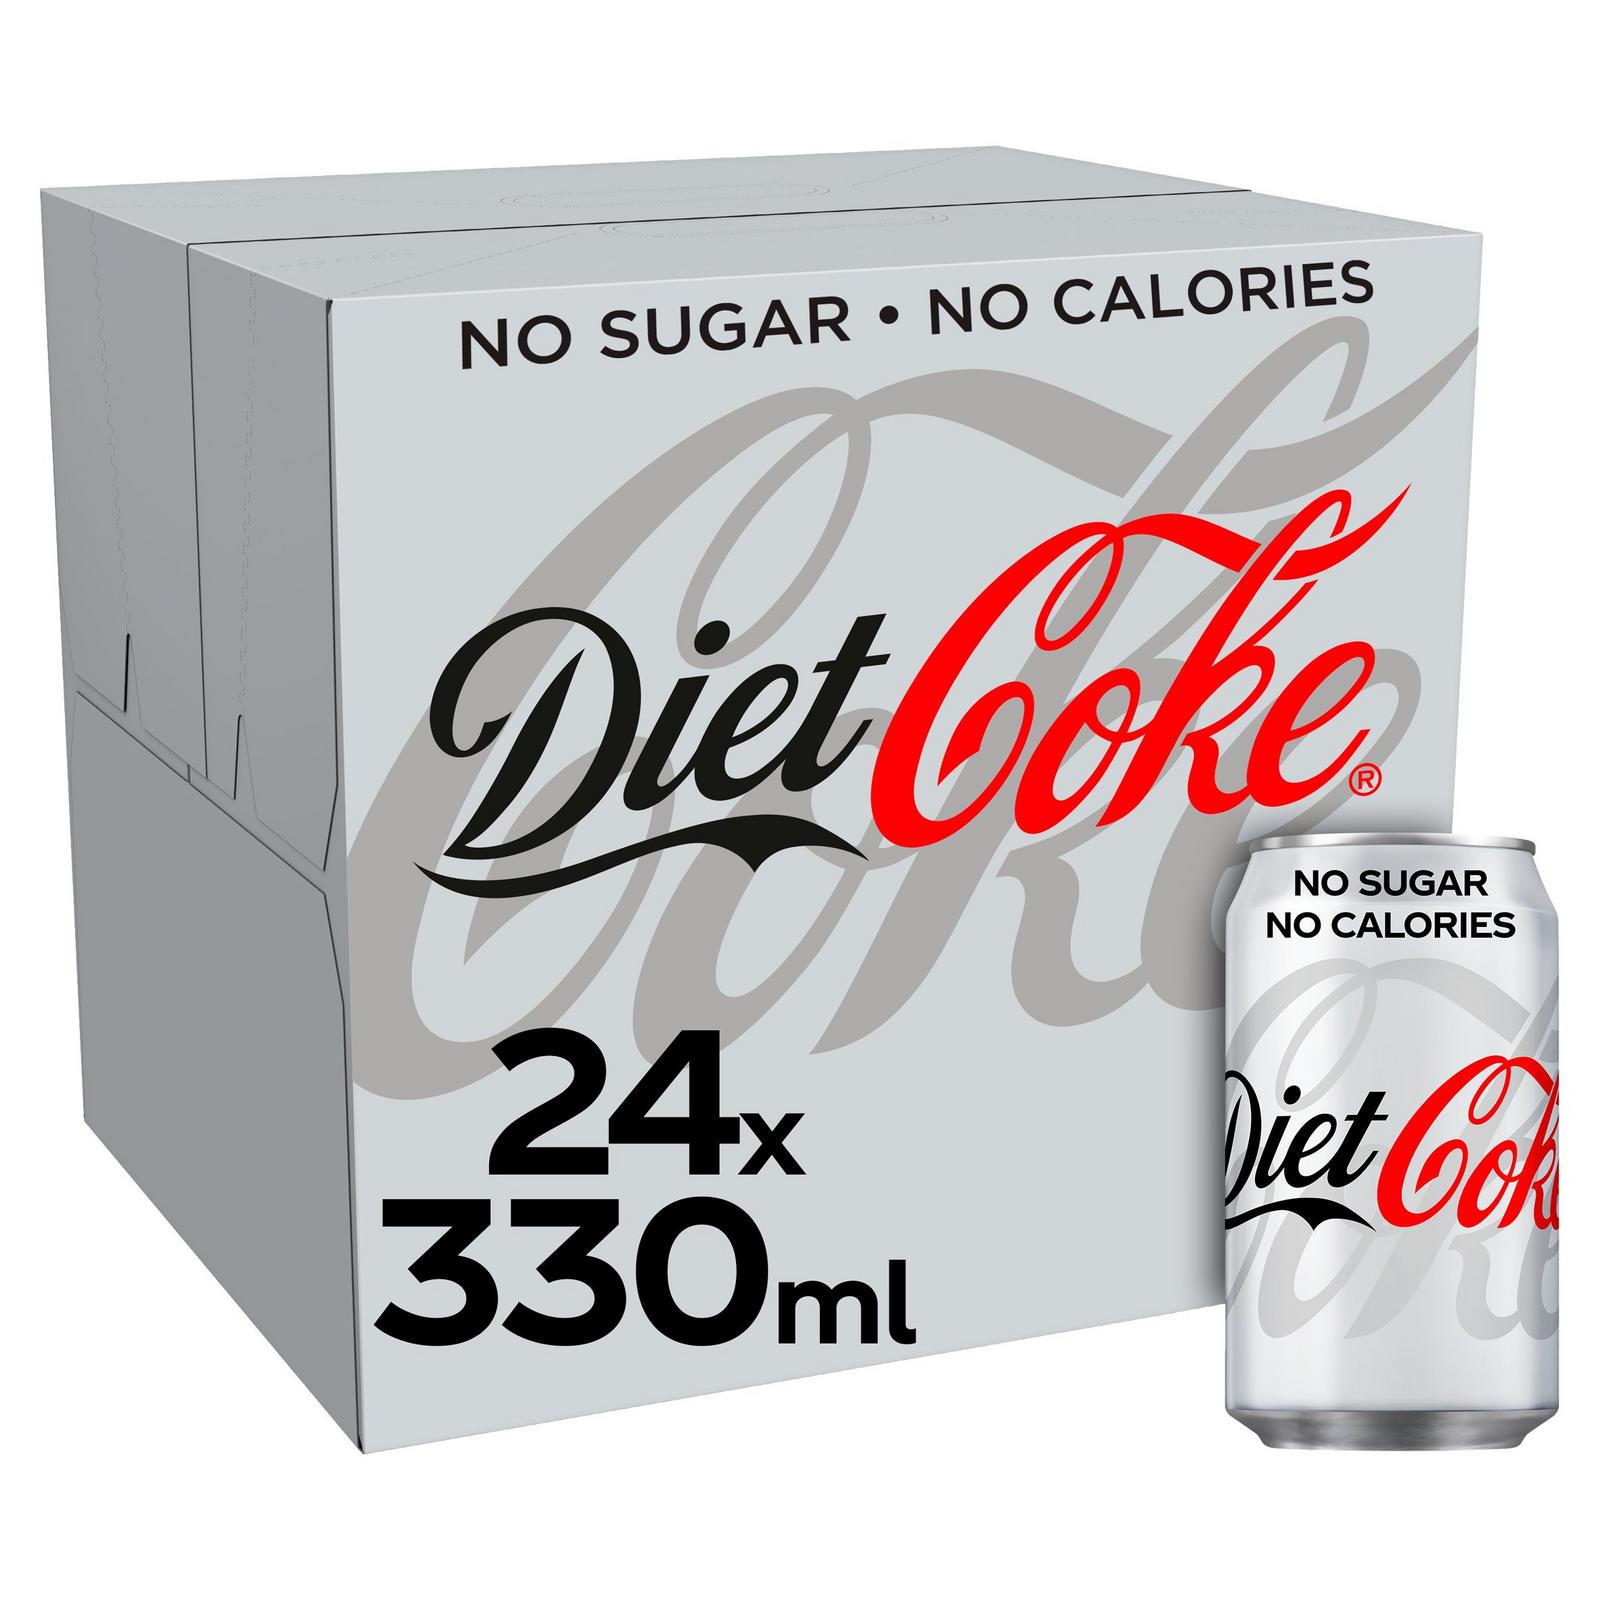 Diet Coke 24x330ml cans - £4.99 instore @ Home Bargains, Poulton-le-Fylde